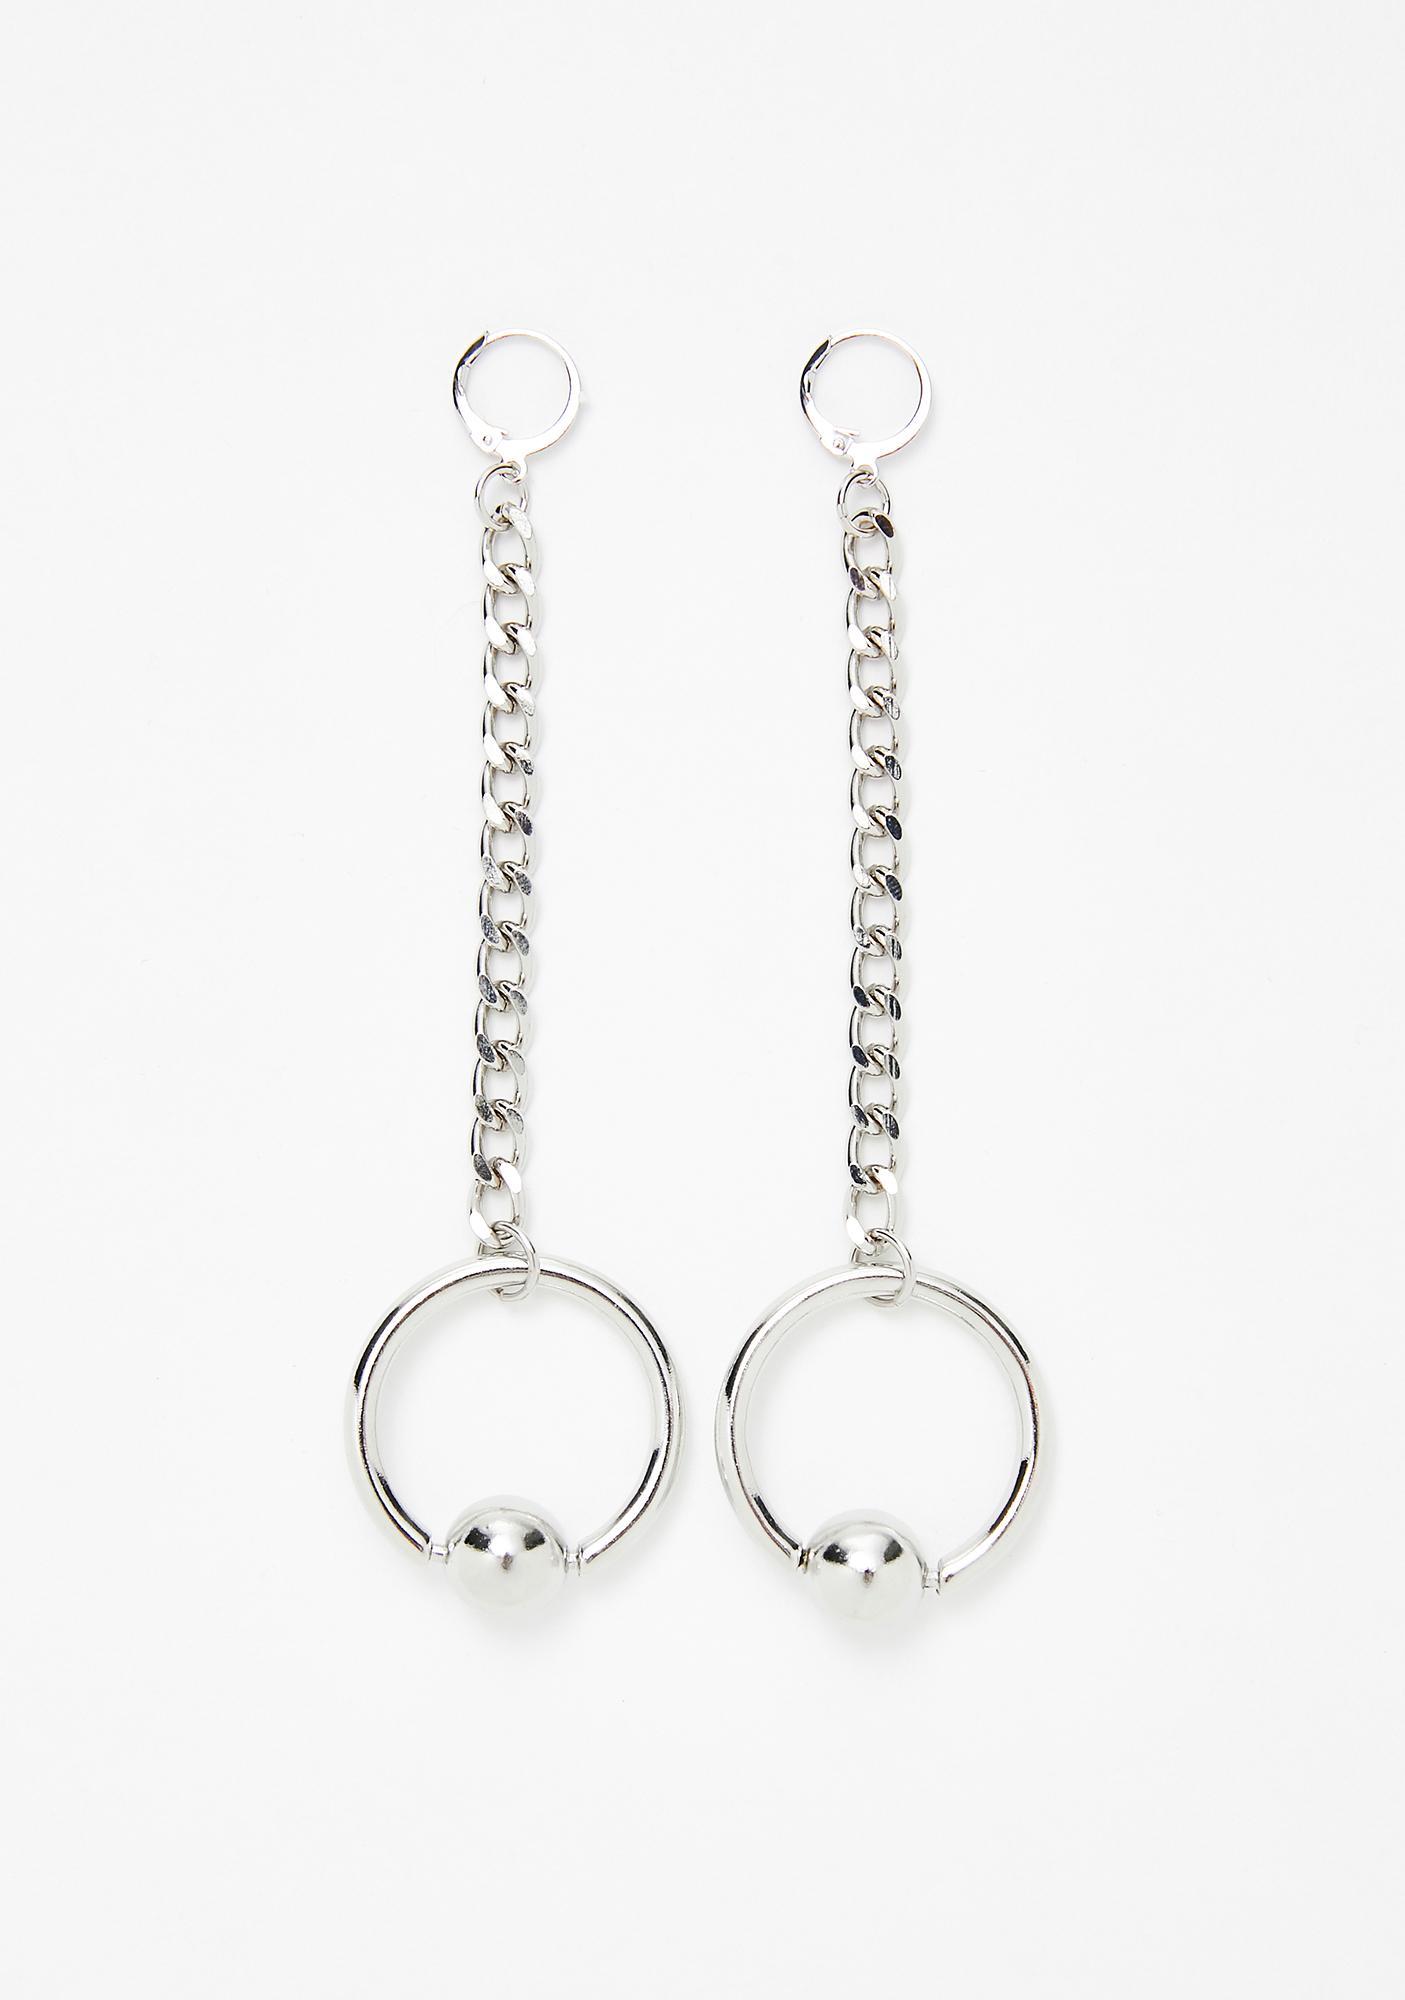 Piercing Love Chain Earrings